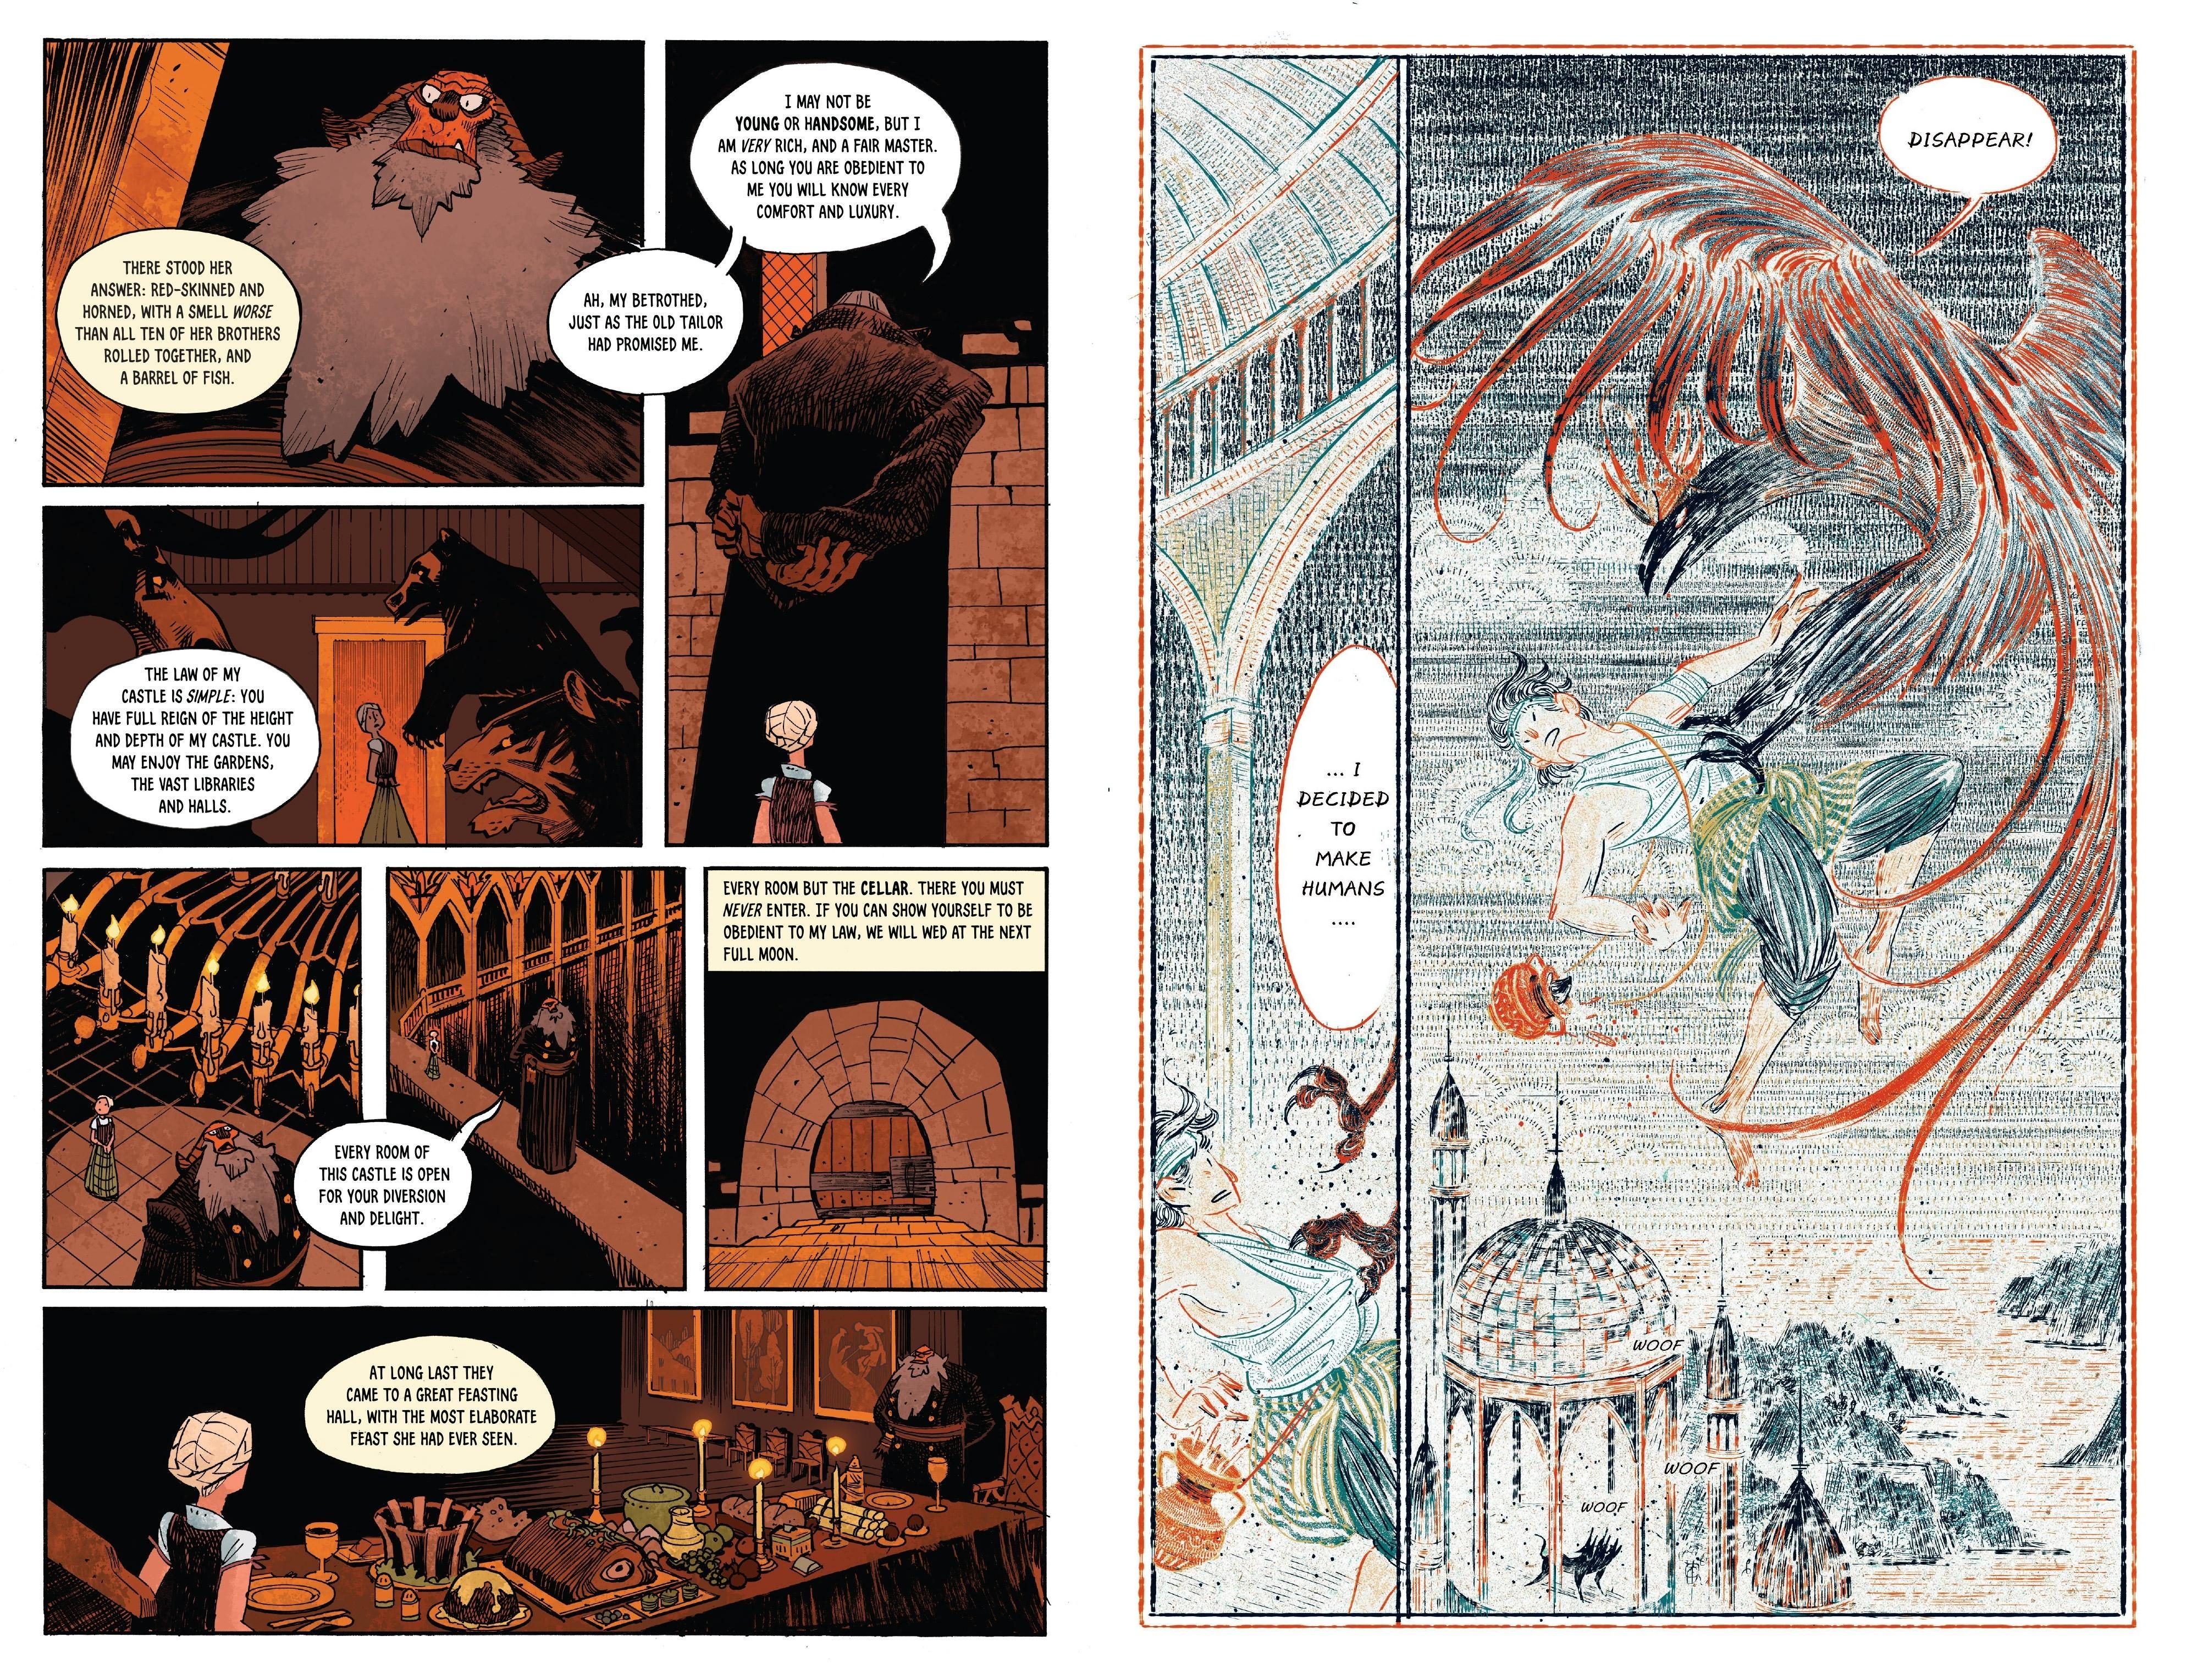 Jim Henson's The Storyteller Giants review